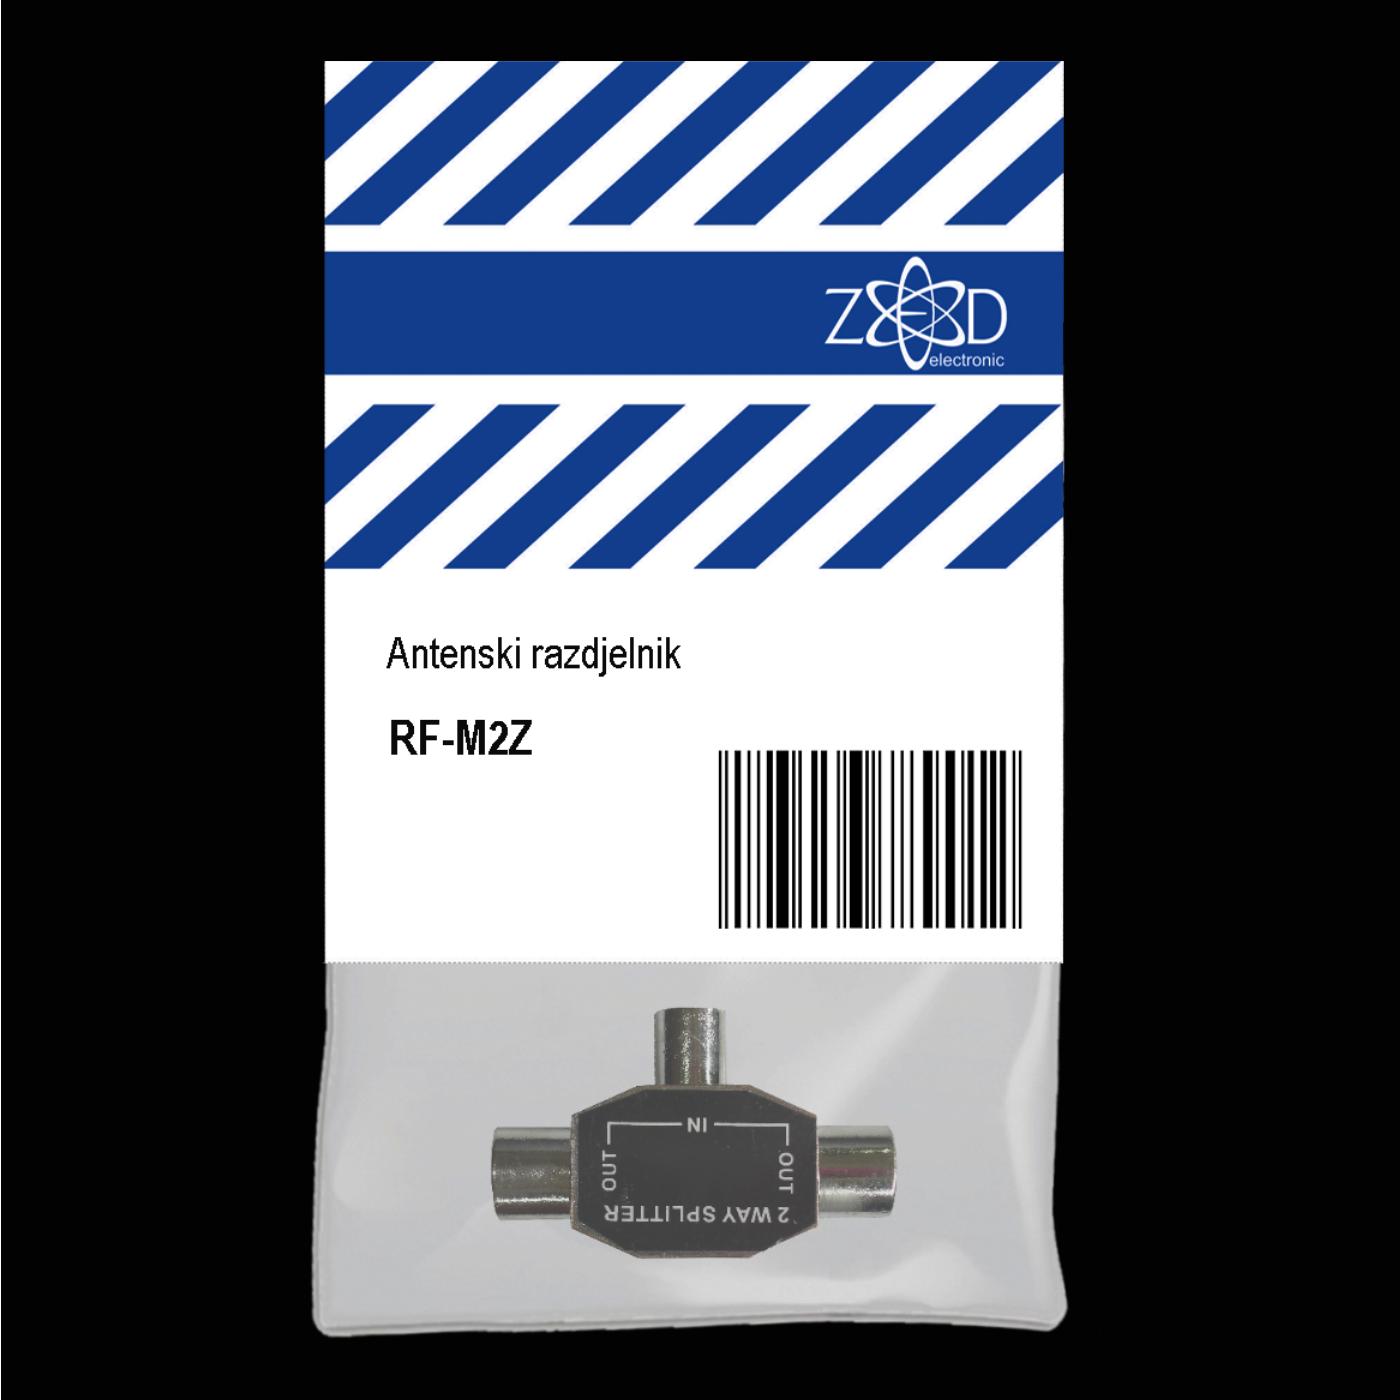 RF-M2Z